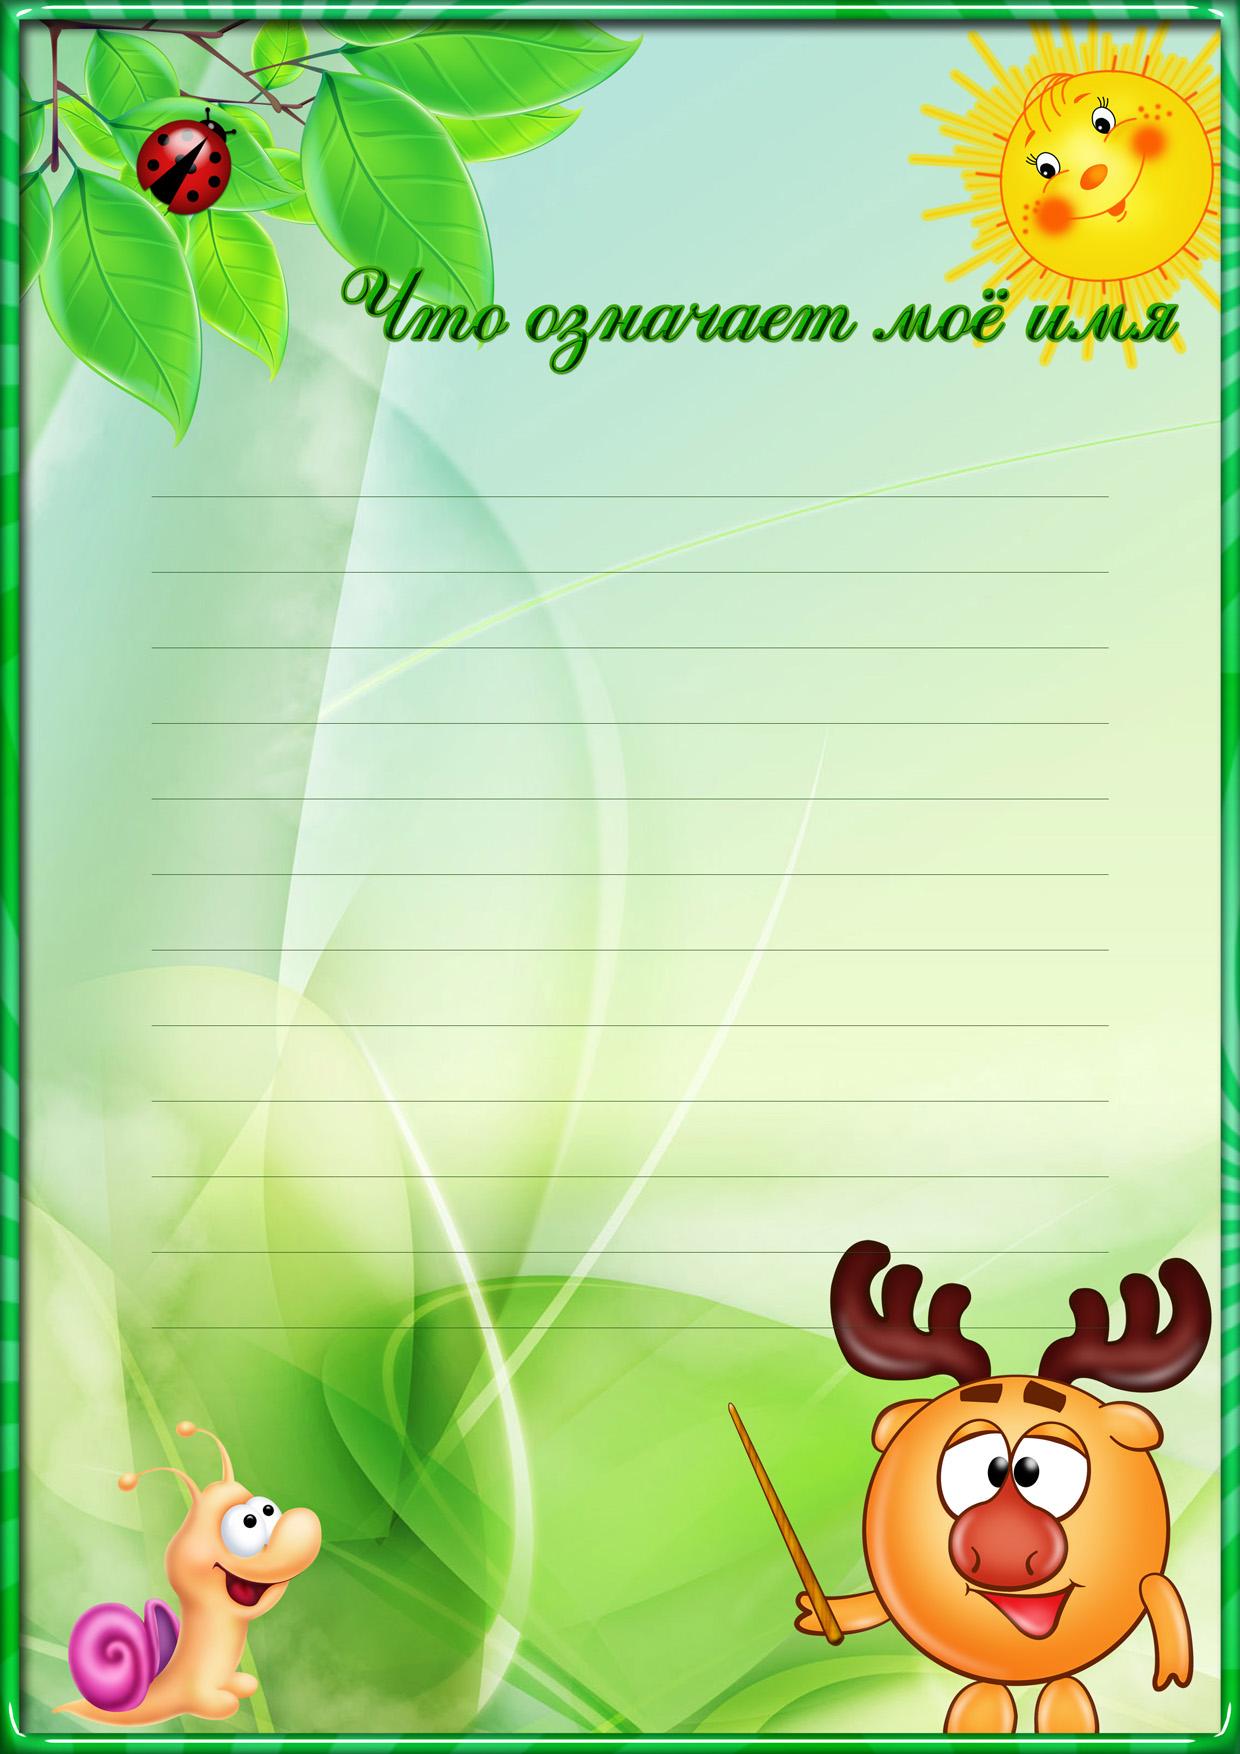 http://womensnote.ru/image/03_portfolio_shkola.jpg